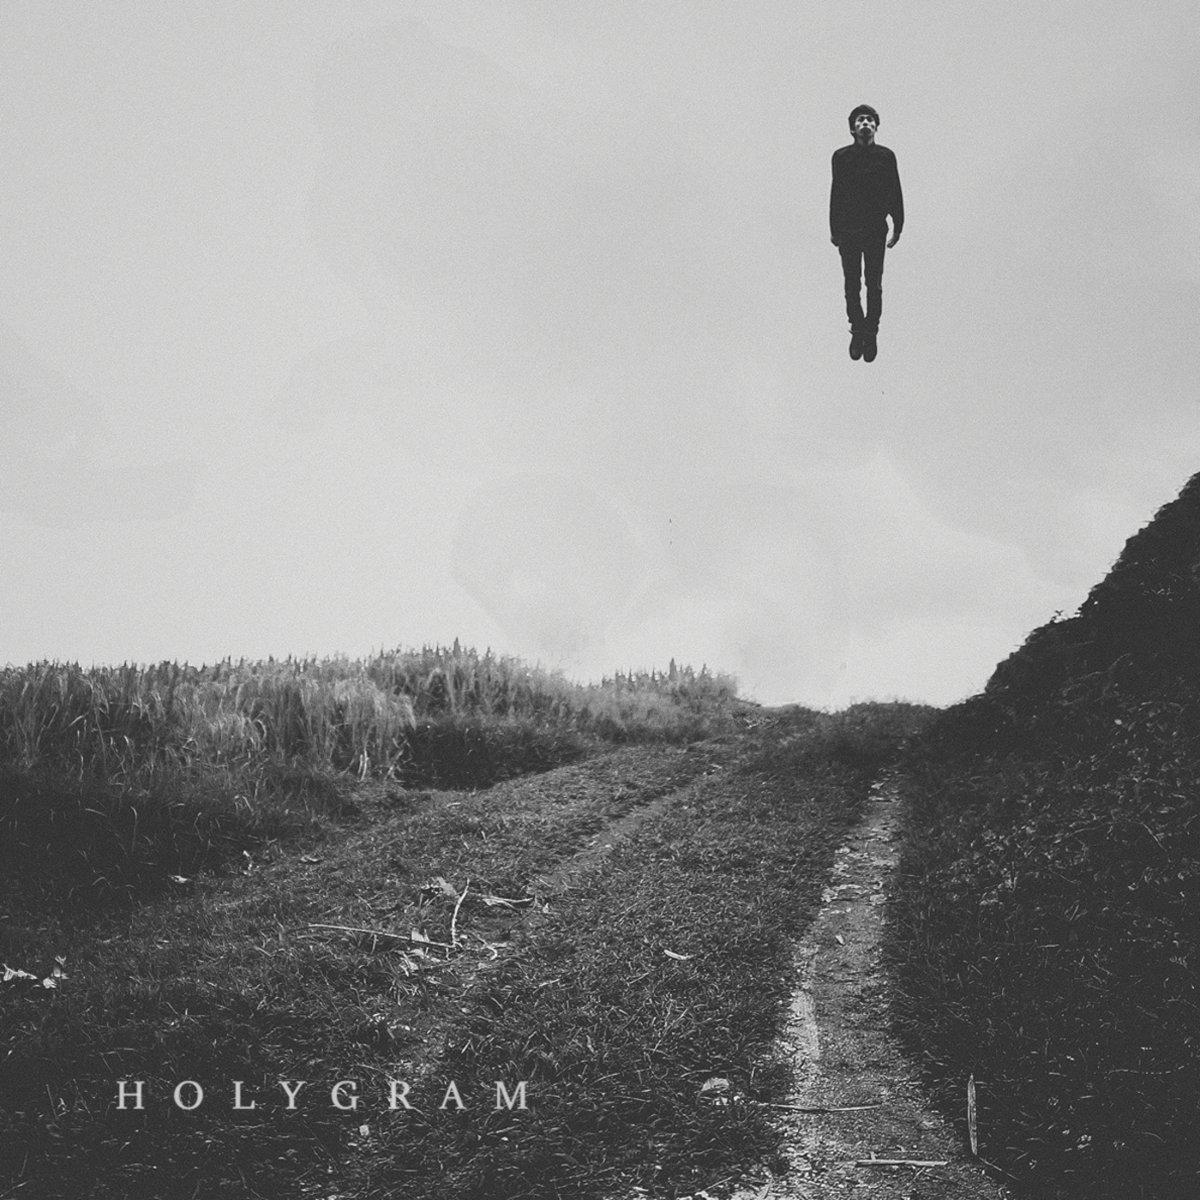 Holygram – Still There (2017)